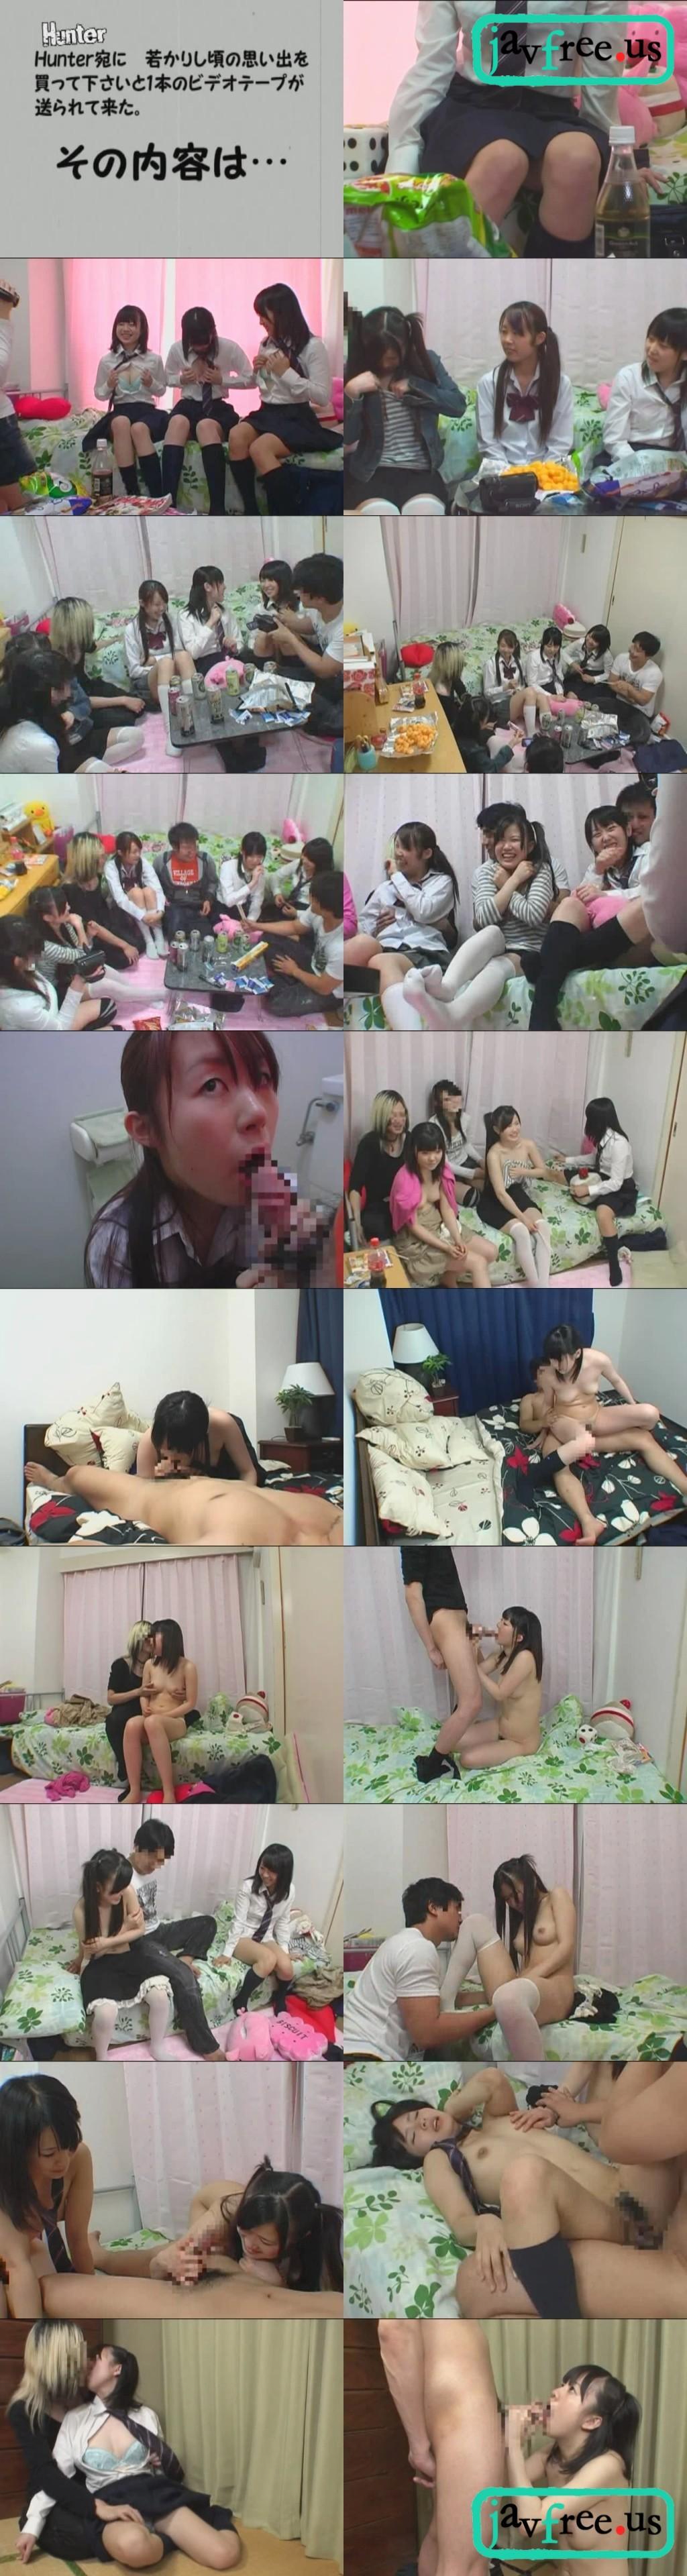 [HUNT-471] ADの妹(女子校生)の部屋にこっそり隠しカメラを置いたら予想以上にスゴい映像が撮れた!酔った勢いで次々と過激なことを…。最近の女子校生はこんな事になってるの? - image HUNT471 on https://javfree.me